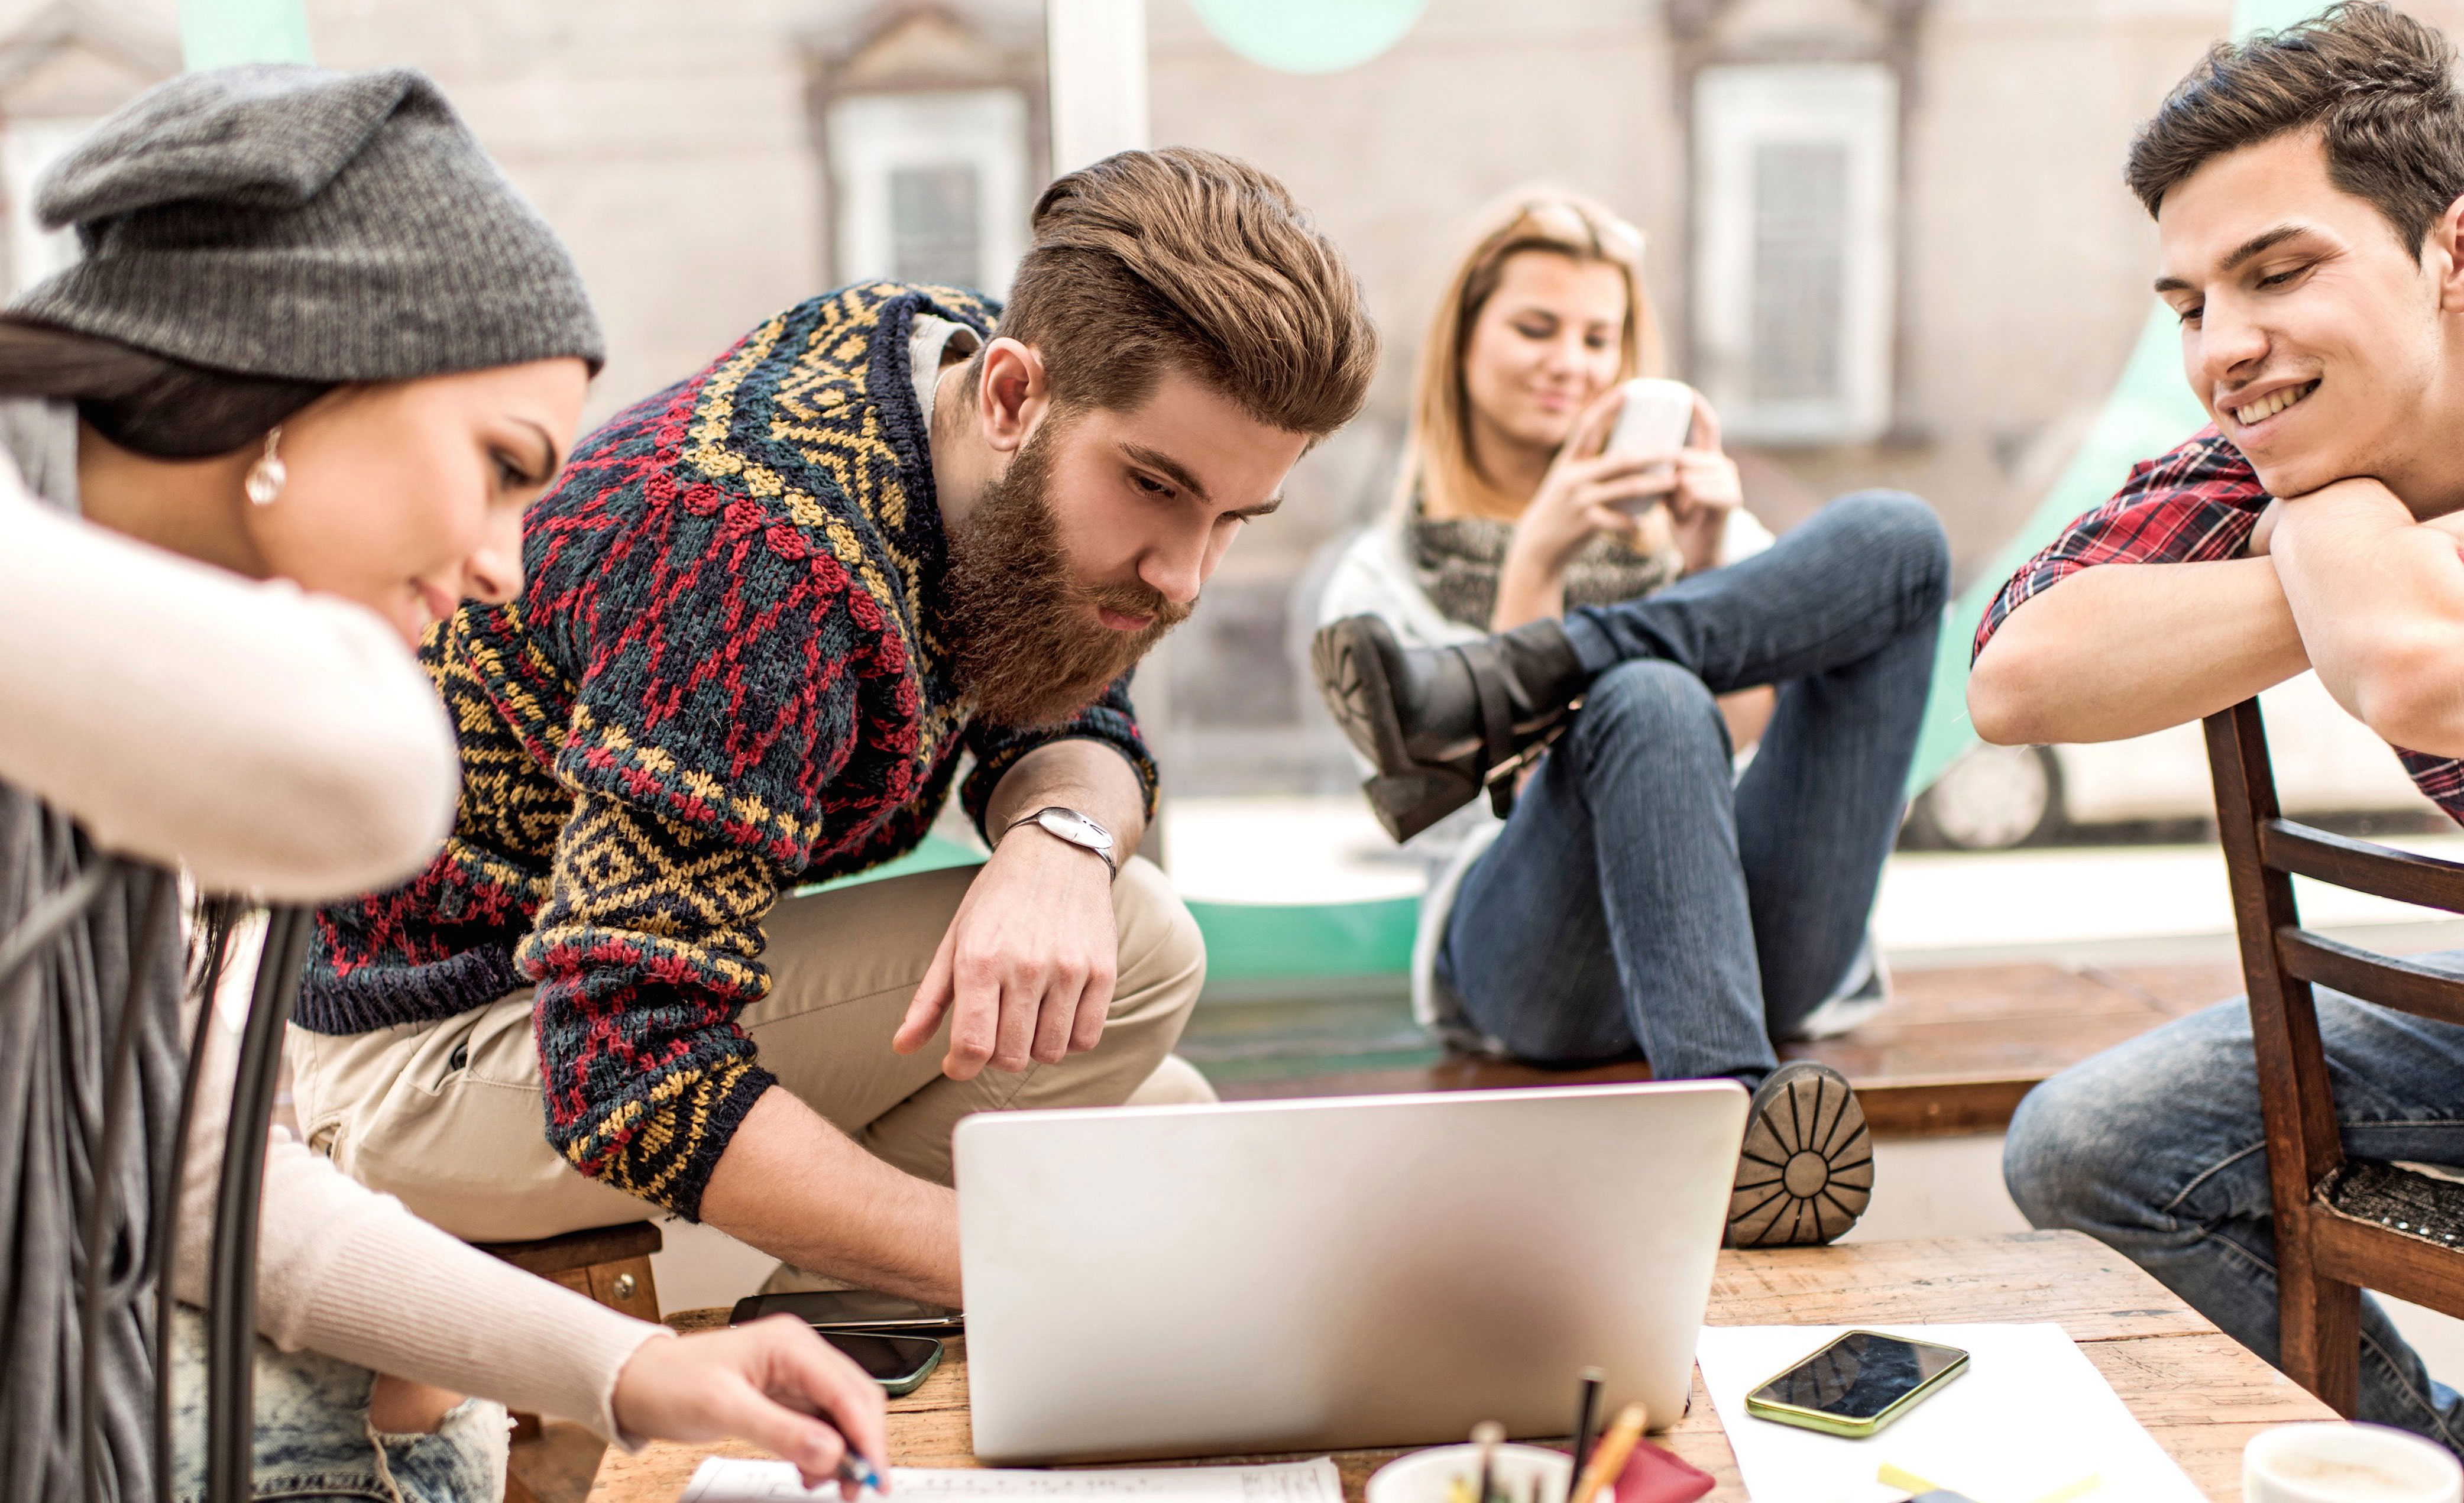 Come interagire al meglio con i Millennials